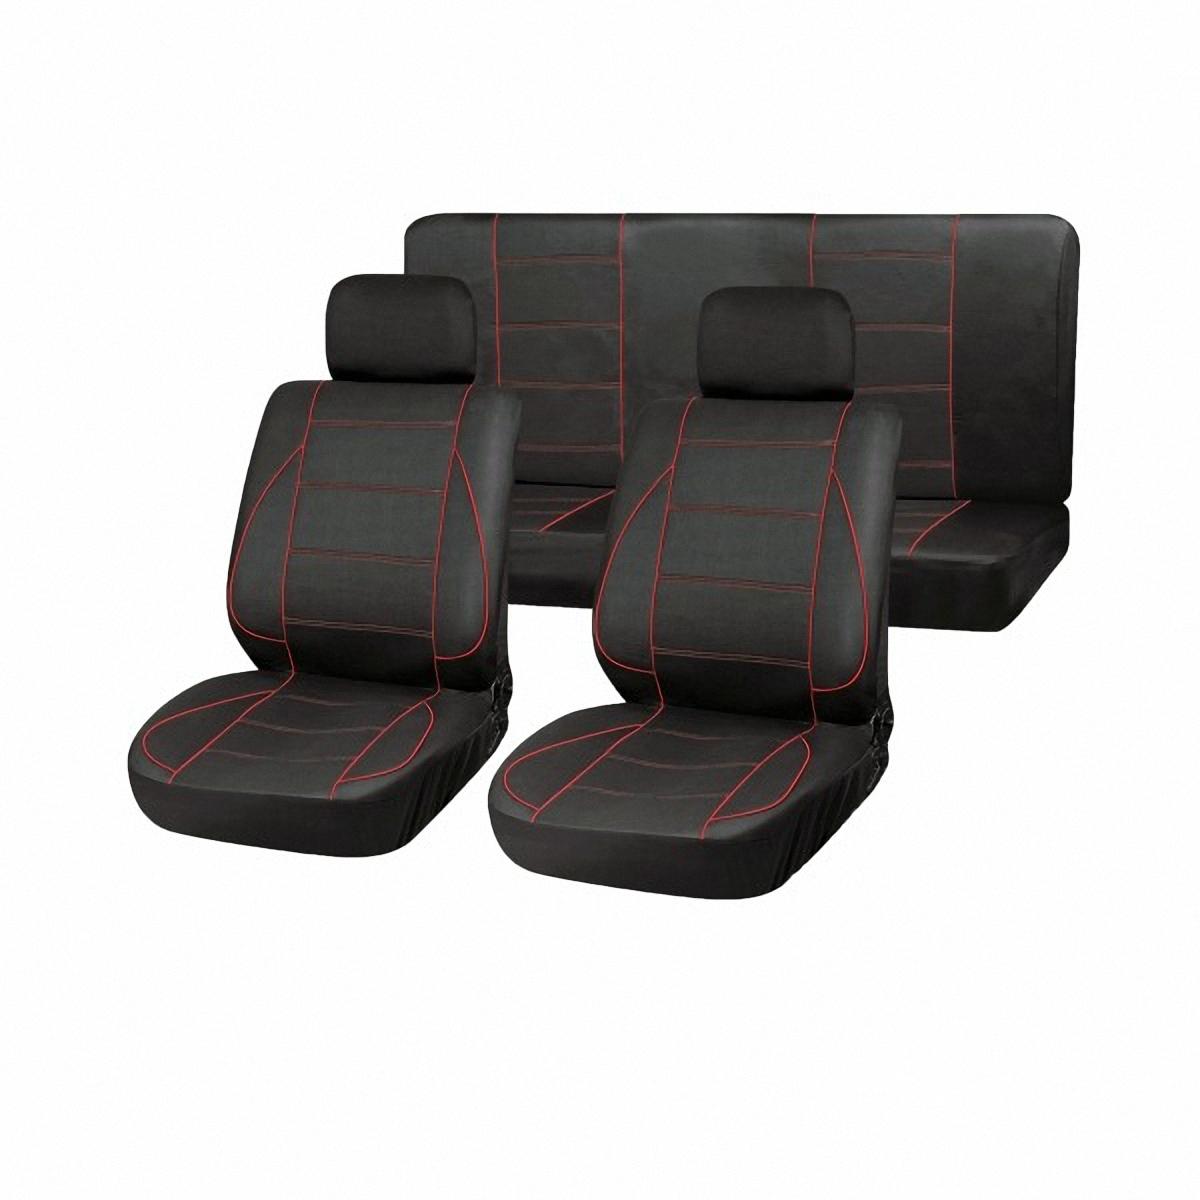 Чехлы автомобильные Skyway. SW-101070 BK/RD/S01301022S03001013Комплект классических универсальных автомобильных чехлов Skyway изготовлен из полиэстера. Чехлы защитят обивку сидений от вытирания и выцветания. Благодаря структуре ткани, обеспечивается улучшенная вентиляция кресел, что позволяет сделать более комфортными долгое пребывание за рулем во время дальней поездки.